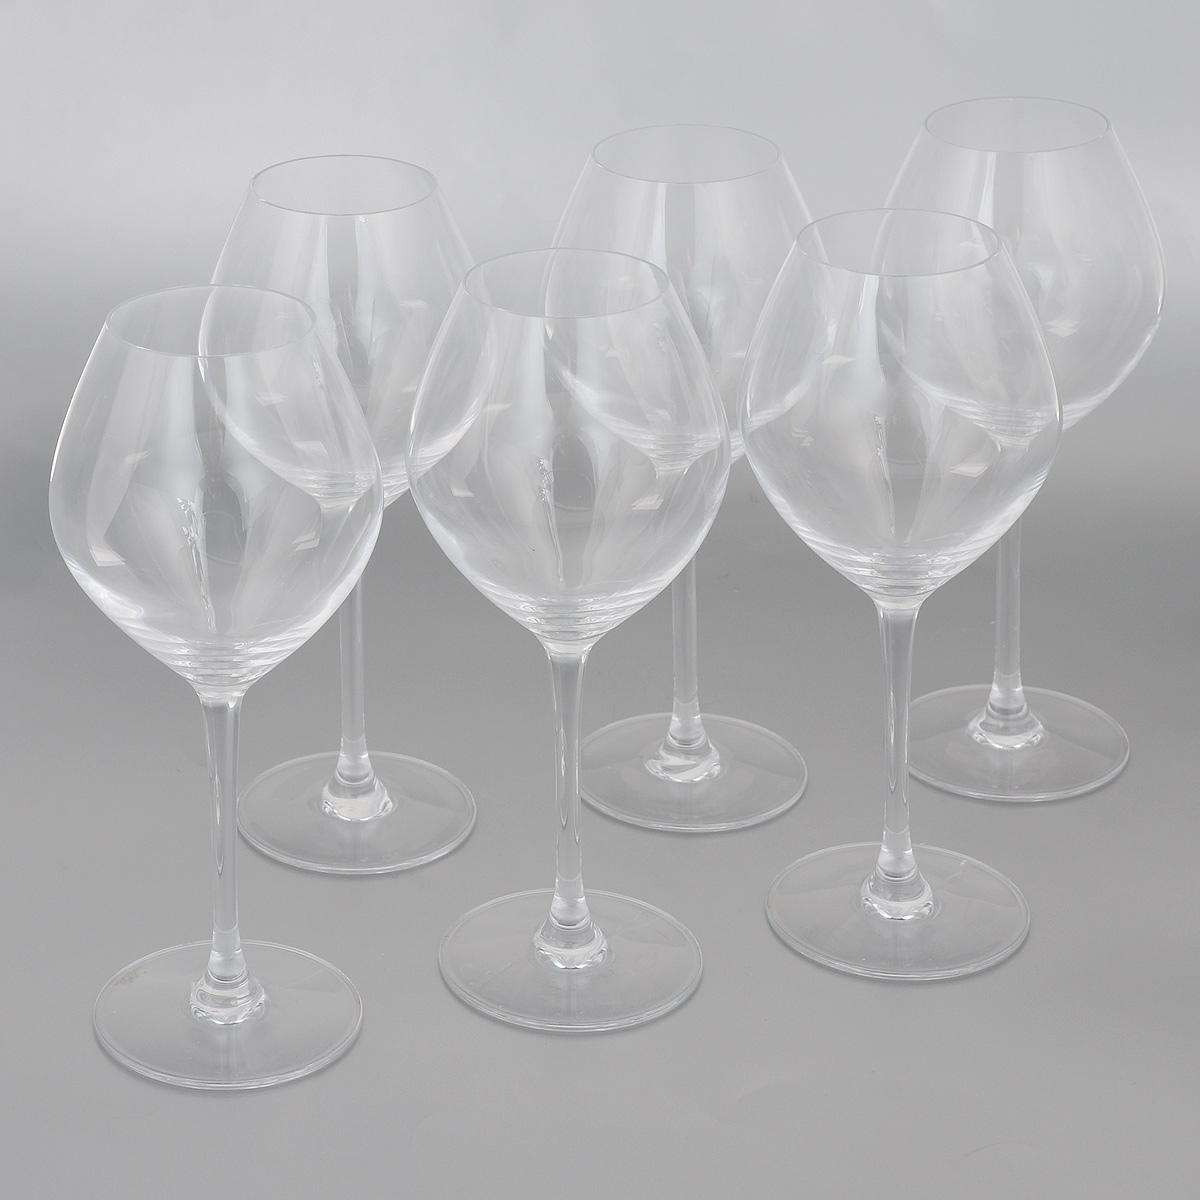 Набор фужеров Cristal dArques Wine Emotions, 470 мл, 6 штVT-1520(SR)Набор Cristal dArques Wine Emotions состоит из 6 фужеров на длинных ножках,из специально разработанного стекла Diamax. Такой набор прекрасно дополнит праздничный стол и станет желанным подарком в любом доме.Диаметр фужера (по верхнему краю): 6 см. Высота фужера: 22 см. Диаметр основания фужера: 8 см.